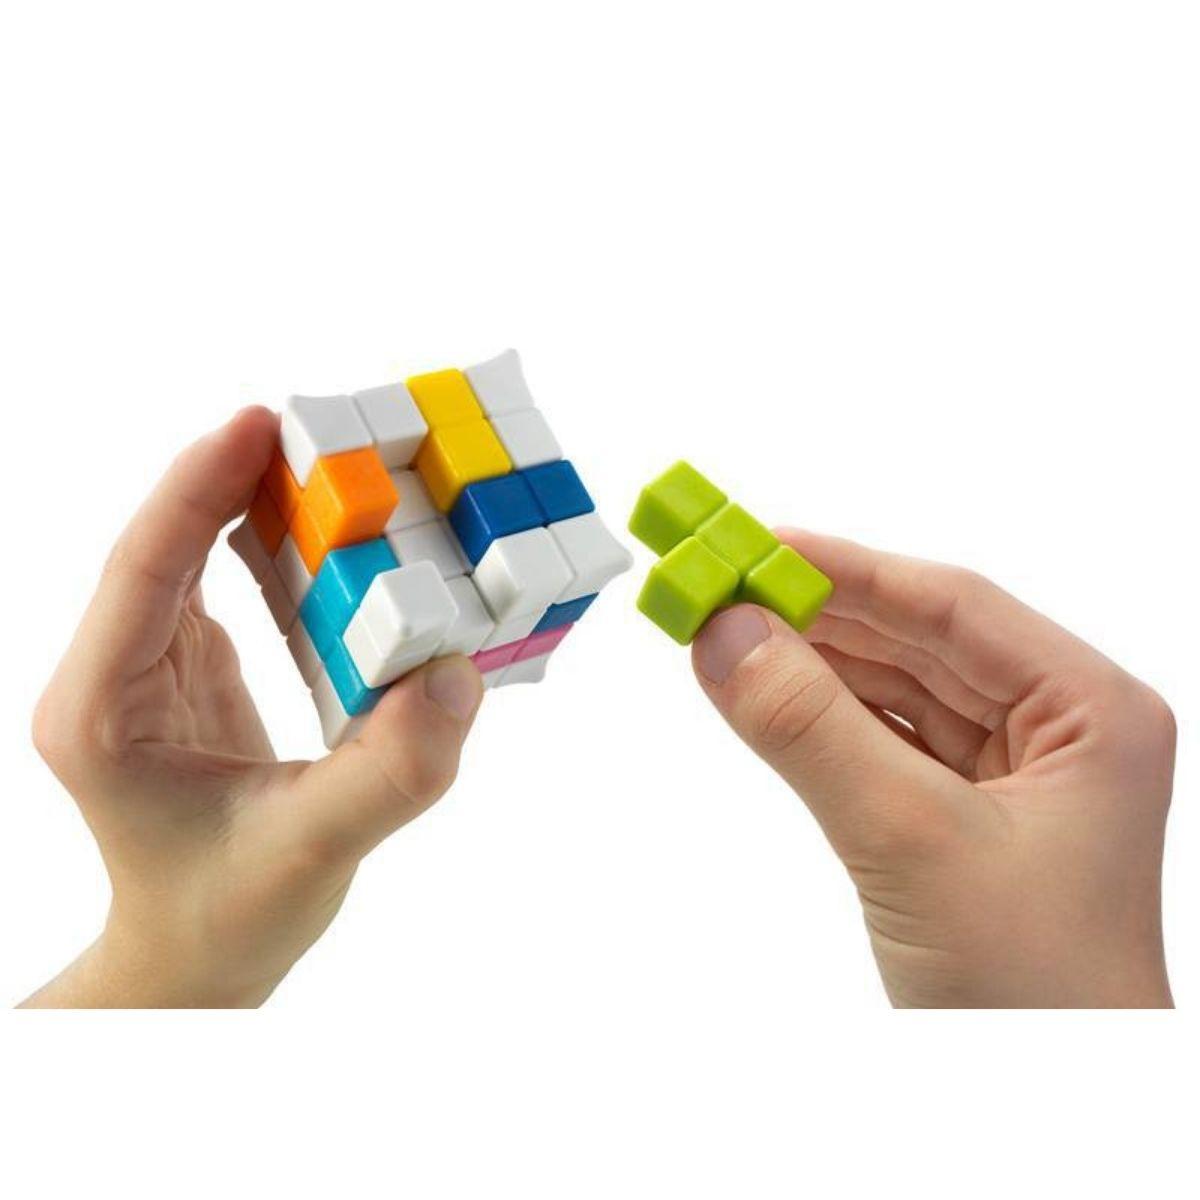 Jogo Tabuleiro Raciocínio Educativo Lúdico Plug e PLay Puzzler